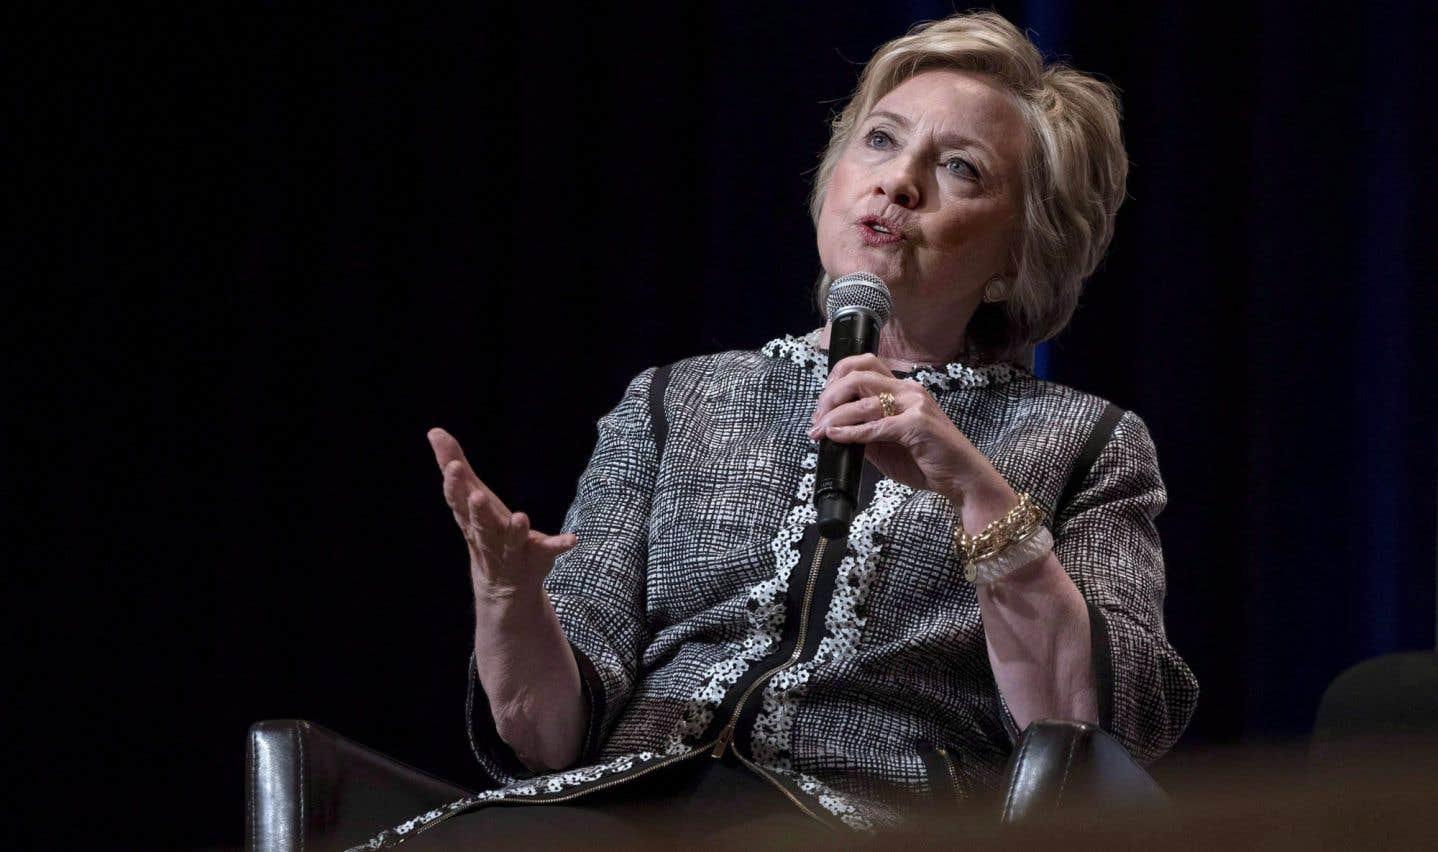 Hillary Clinton éreinte Bernie Sanders dans son nouveau livre